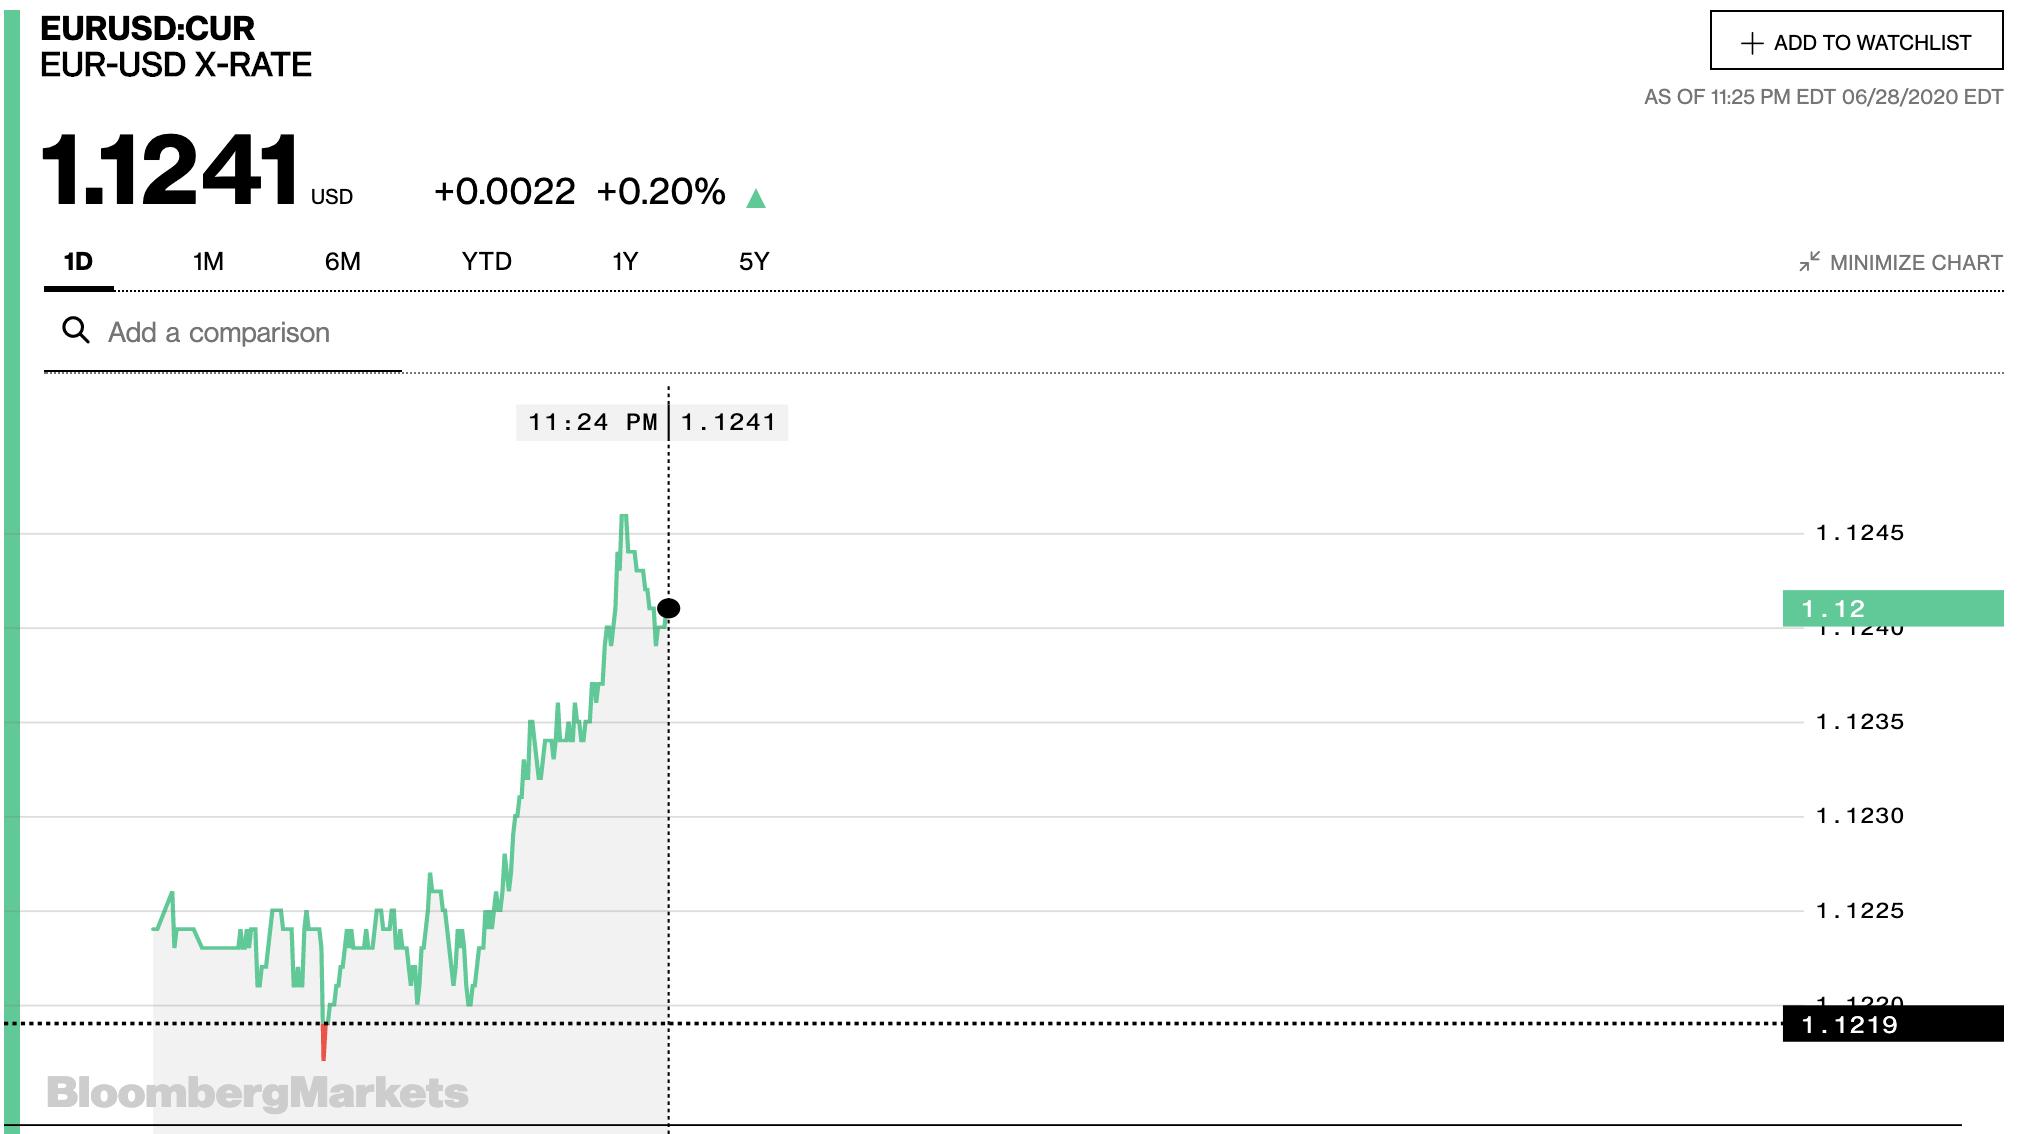 Tỷ giá euro hôm nay 29/6: Tăng nhẹ tại hầu hết các ngân hàng ngày đầu tuần - Ảnh 1.